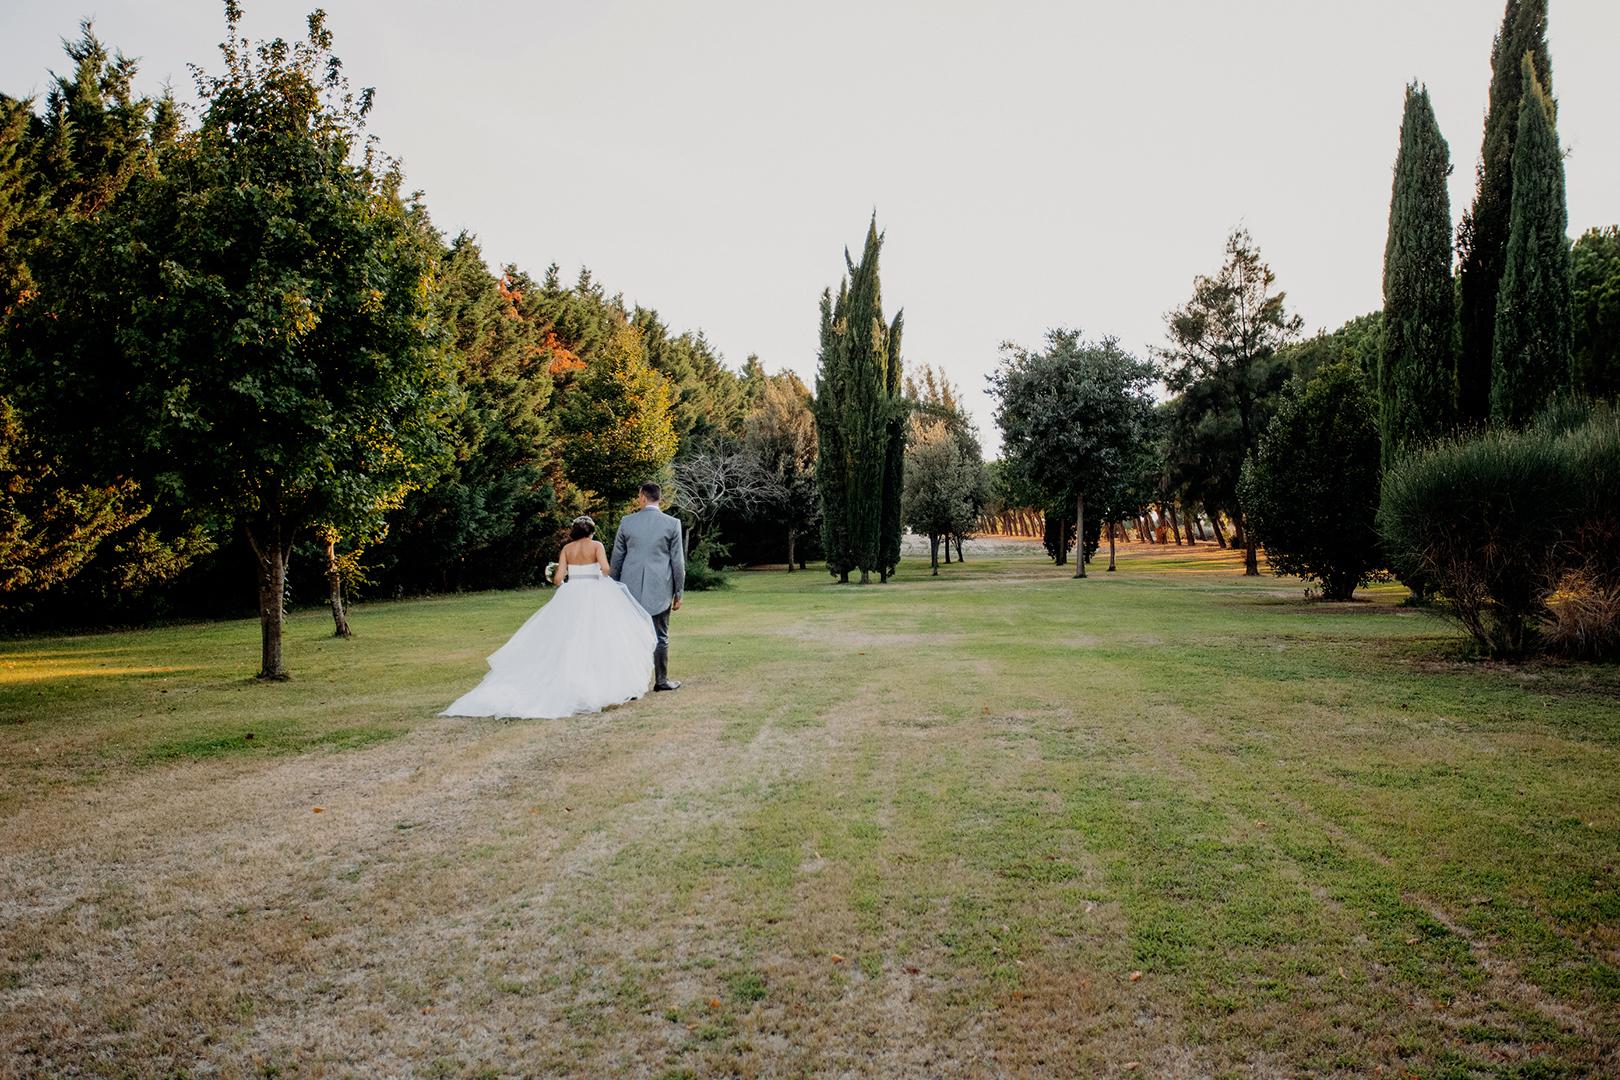 64 gianni-lepore-finaert-bride-groom-torre-andriana-esterni-foggia-fotografo-foto-sposi